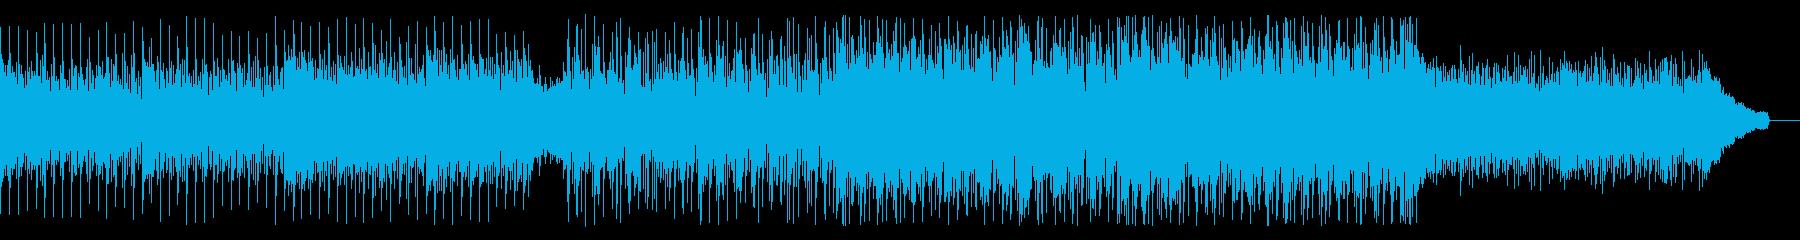 サマーシーズンにピッタリなサンバ調ポップの再生済みの波形